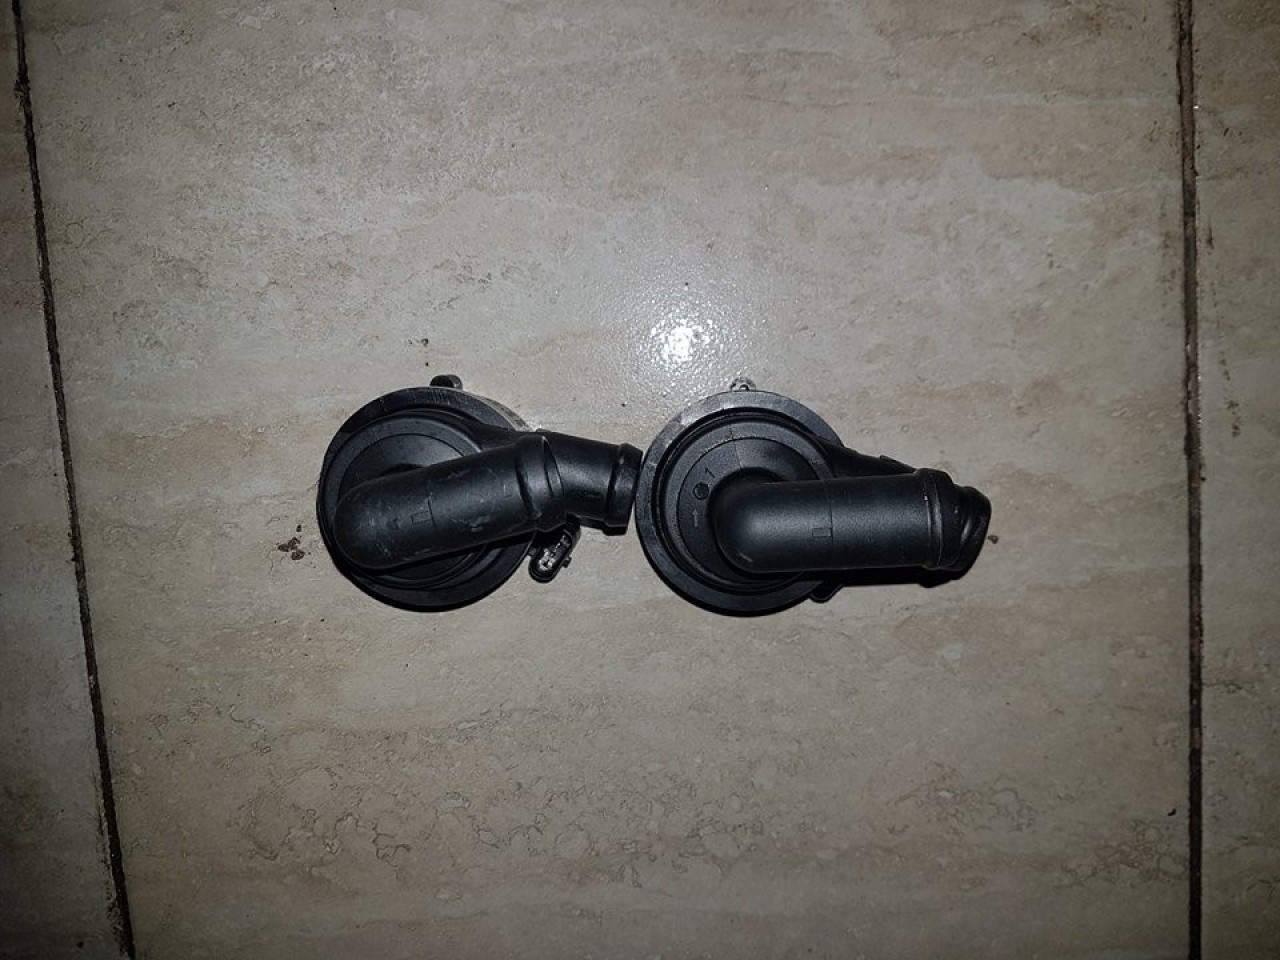 Pompa recirculare apa 5n0965561a audi a6 4g 2.0 tdi cglc 177 cai